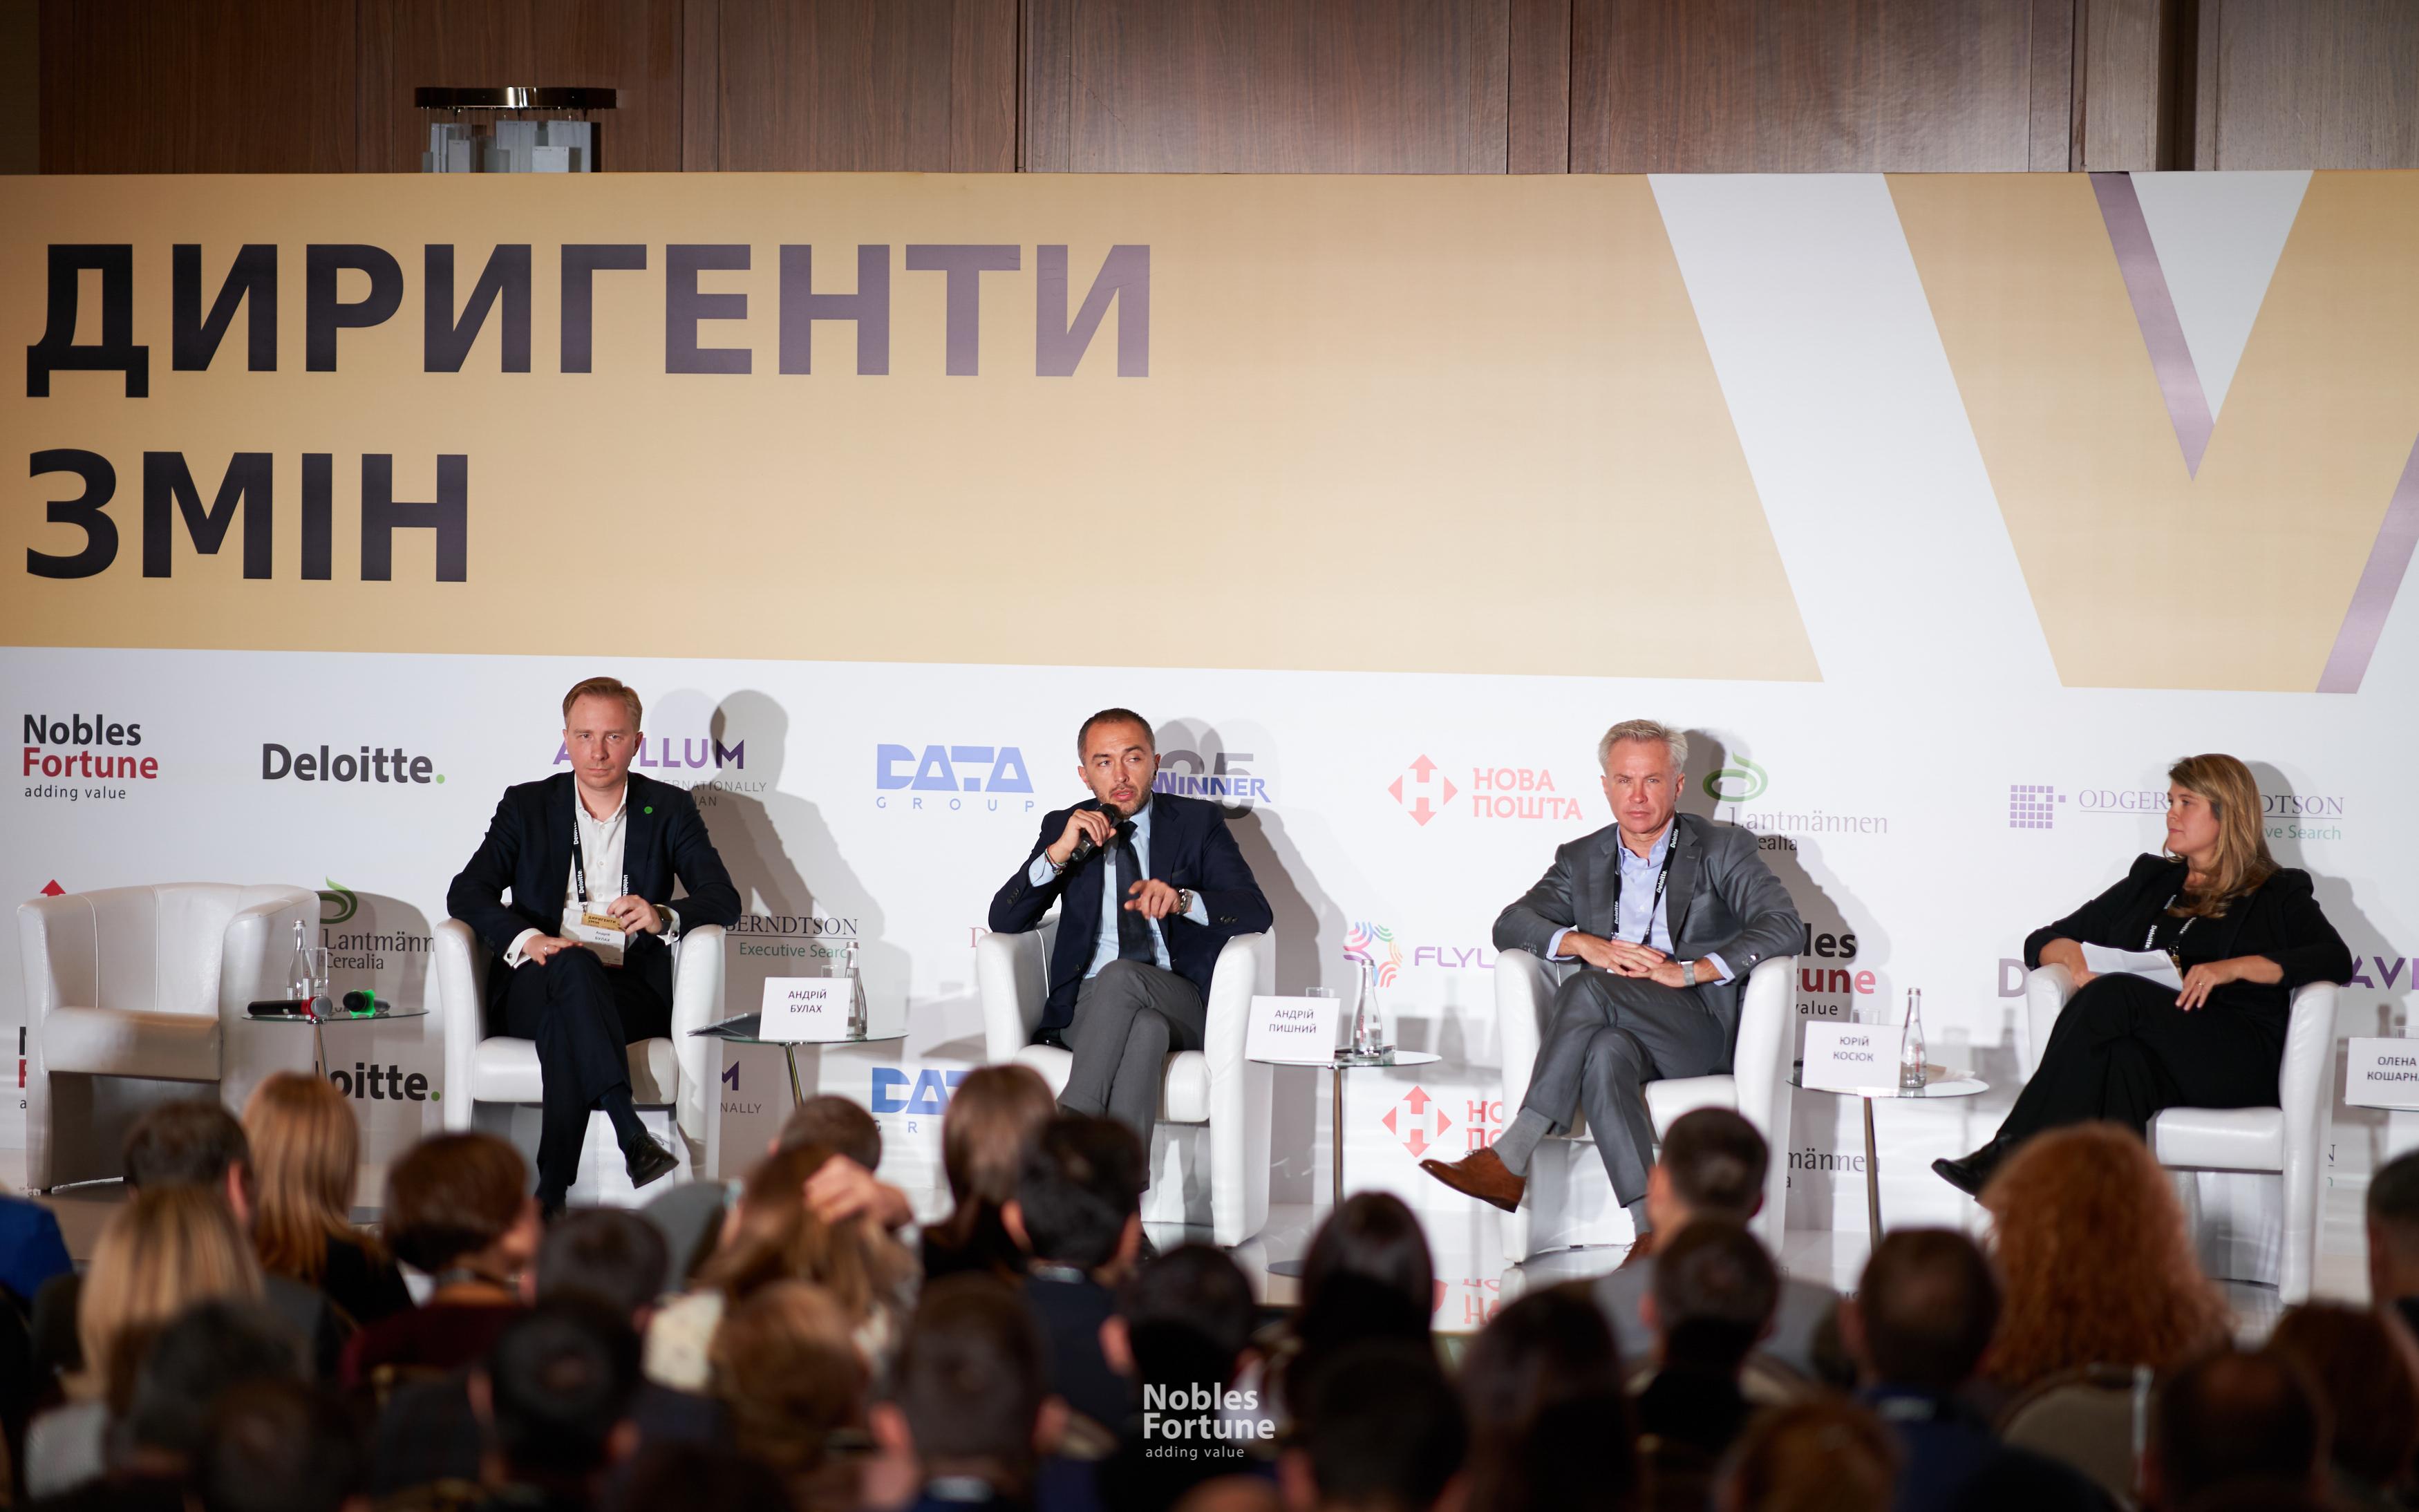 """ИЗМЕНЯЯ МИР: V Форум """"Дирижеры изменений"""" собрал более 600 лидеров бизнеса и общественного мнения"""